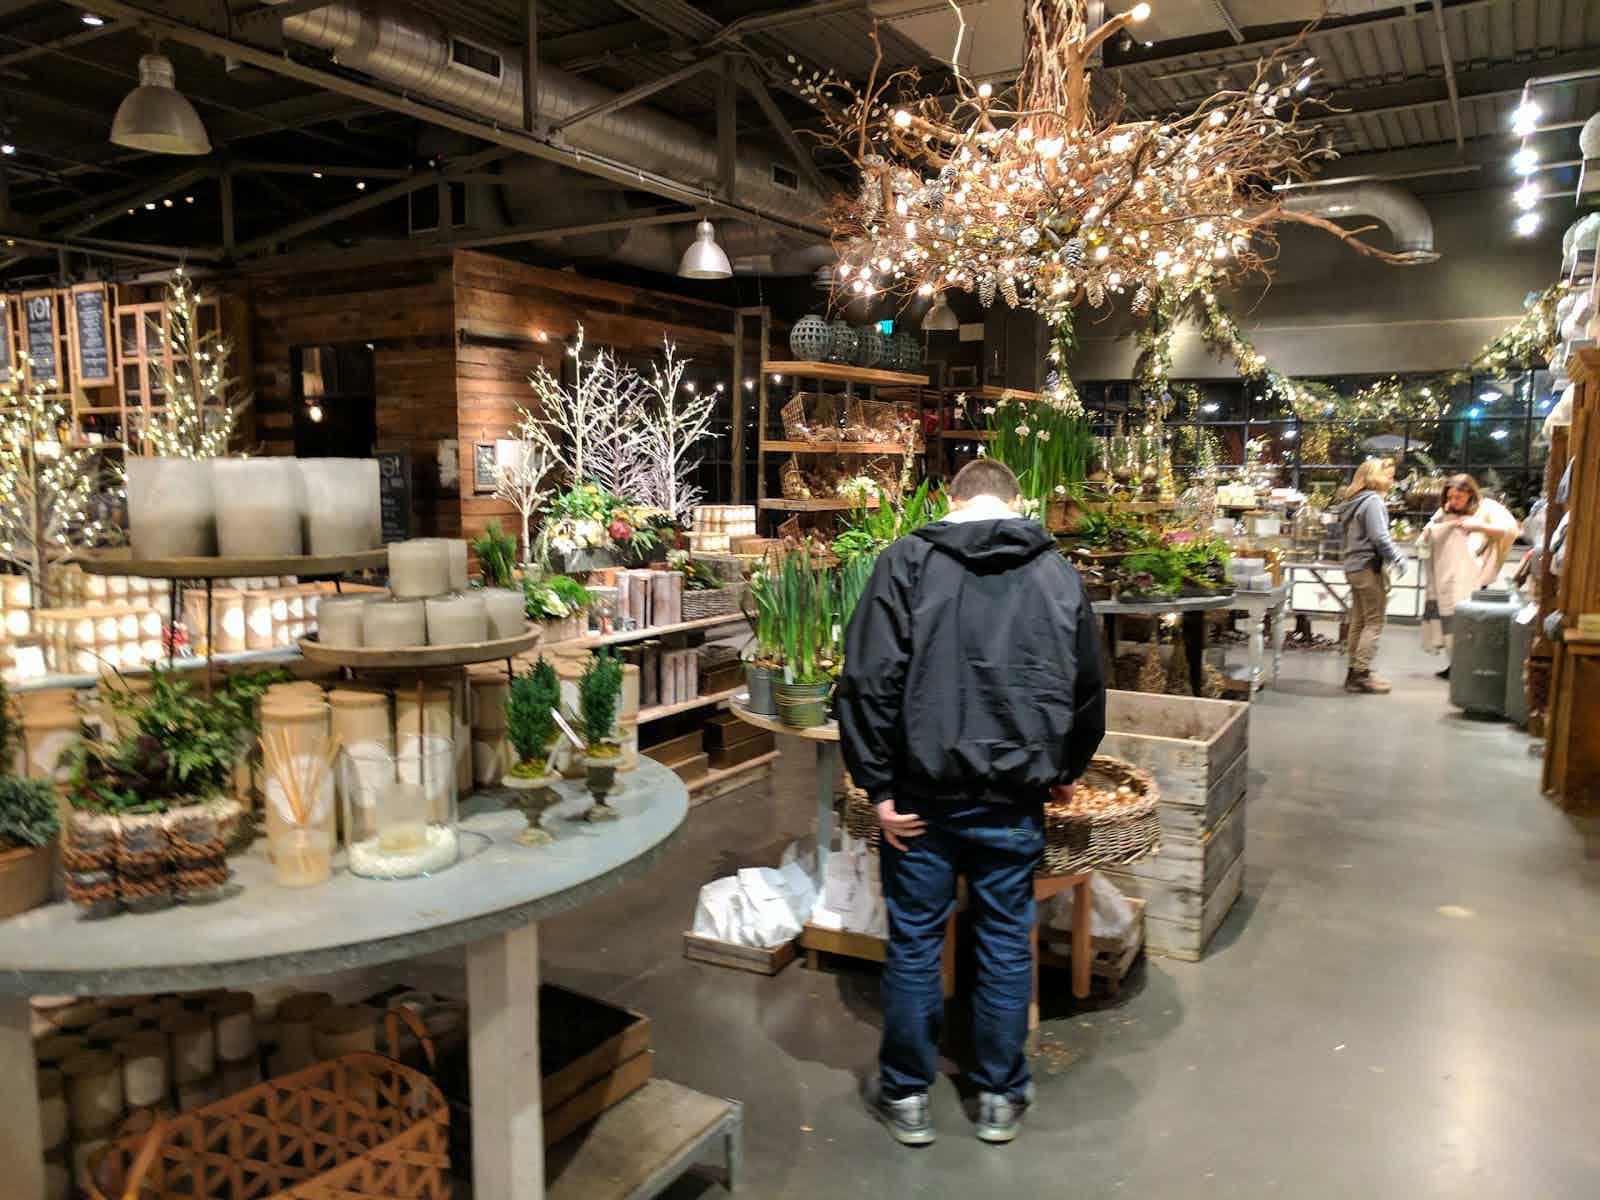 terrain garden café - Westport | Restaurant Review - Zagat